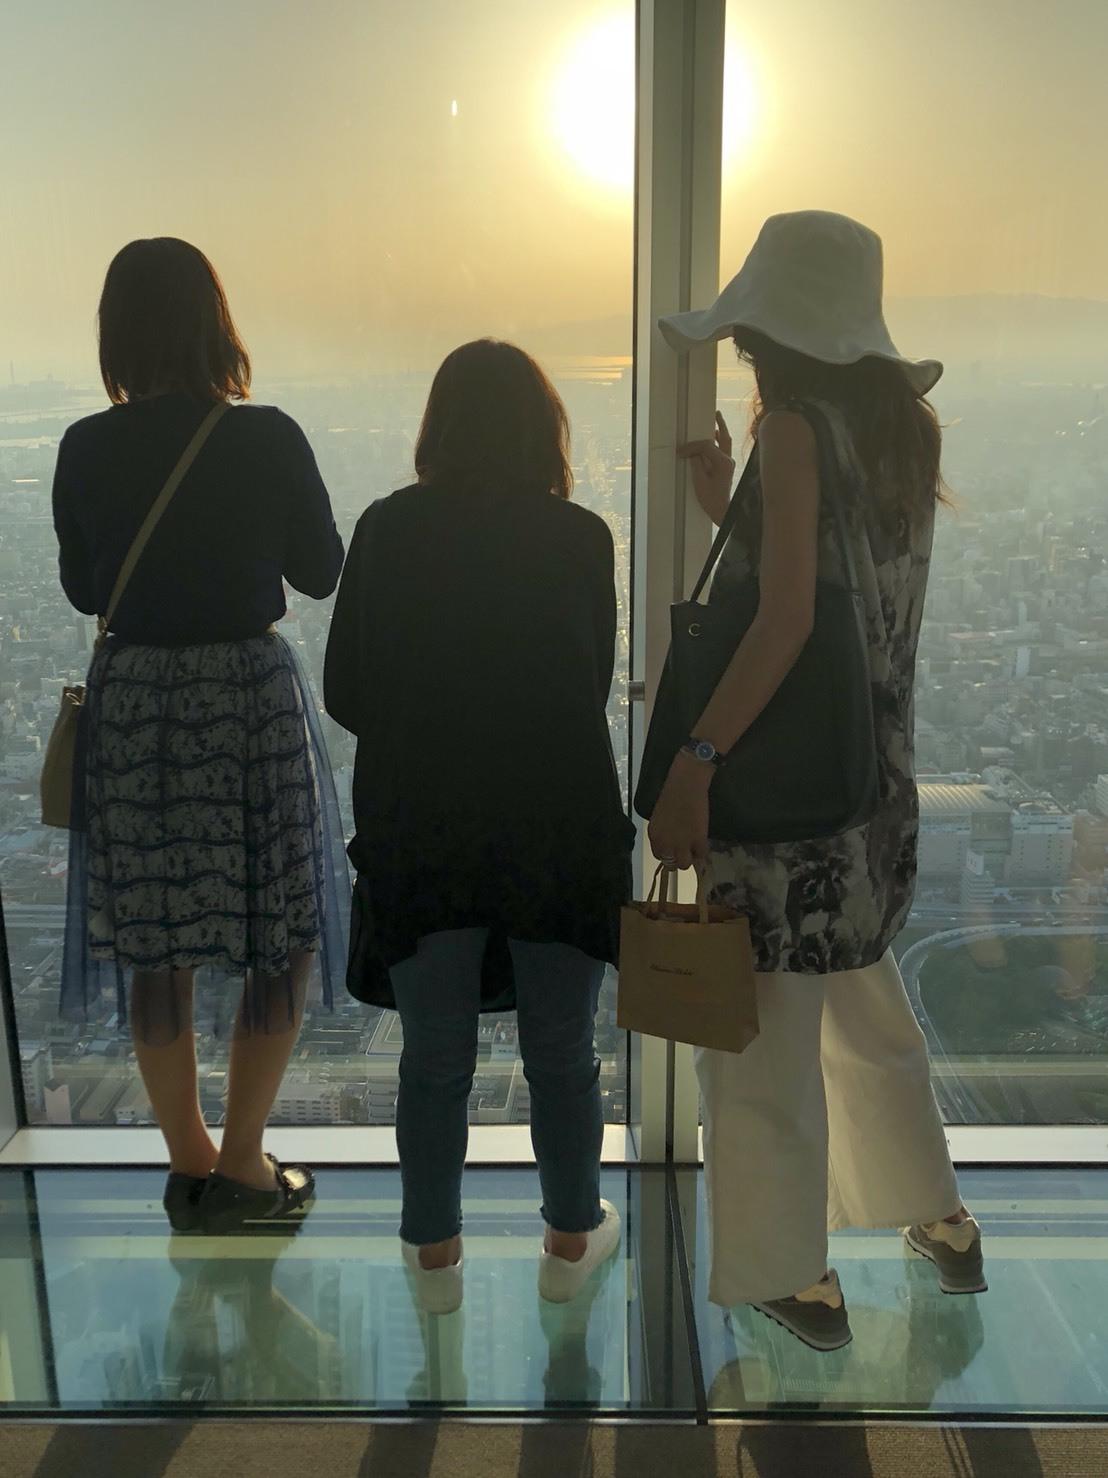 大阪ブロガー交流会 夕日が美しい